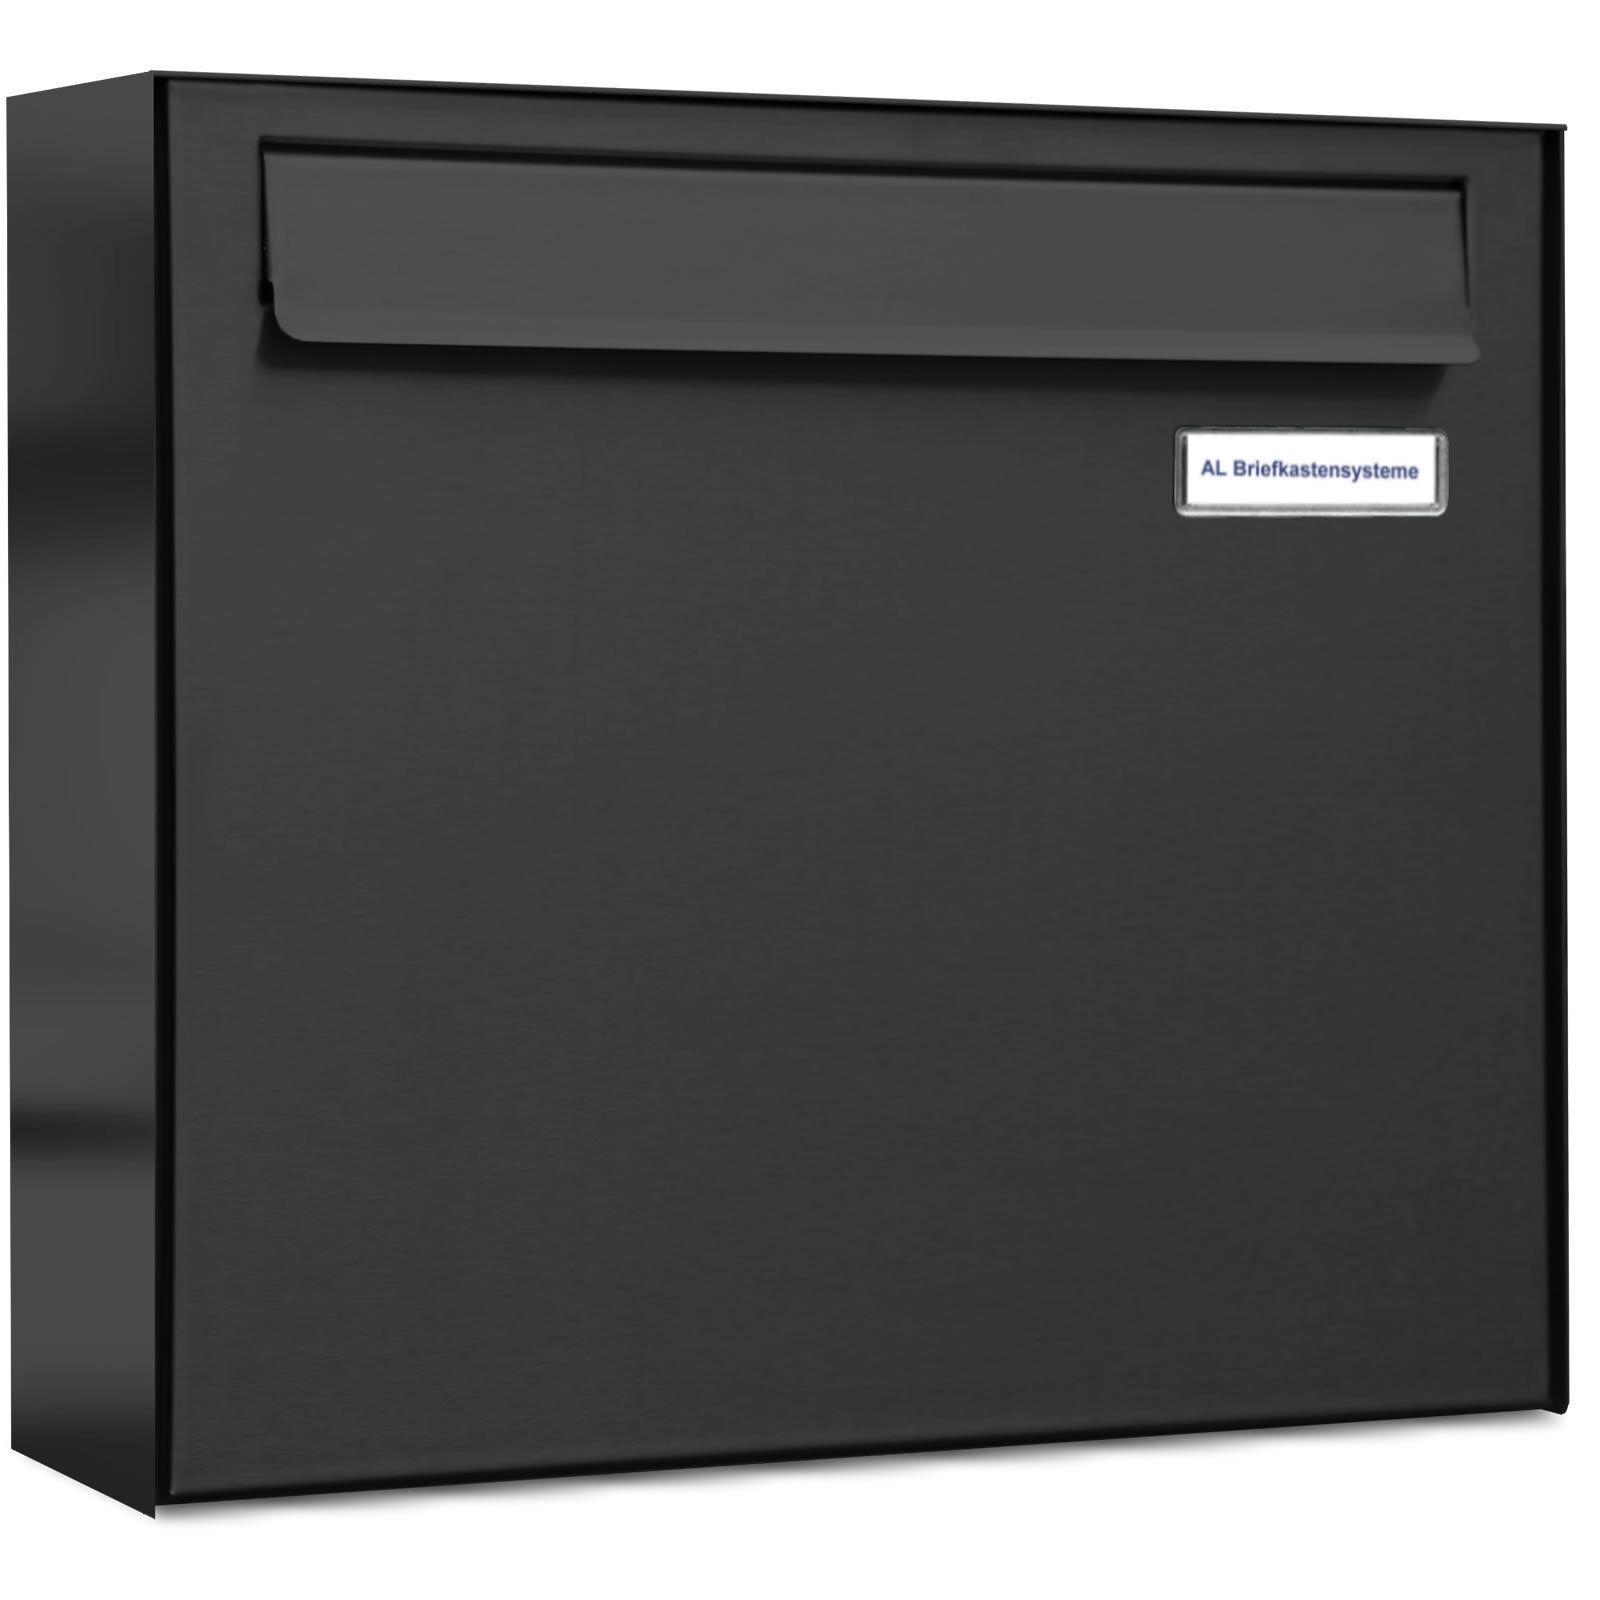 1 er Premium Zaun Durchwurf Briefkasten Anthrazit RAL Fach Postkasten design